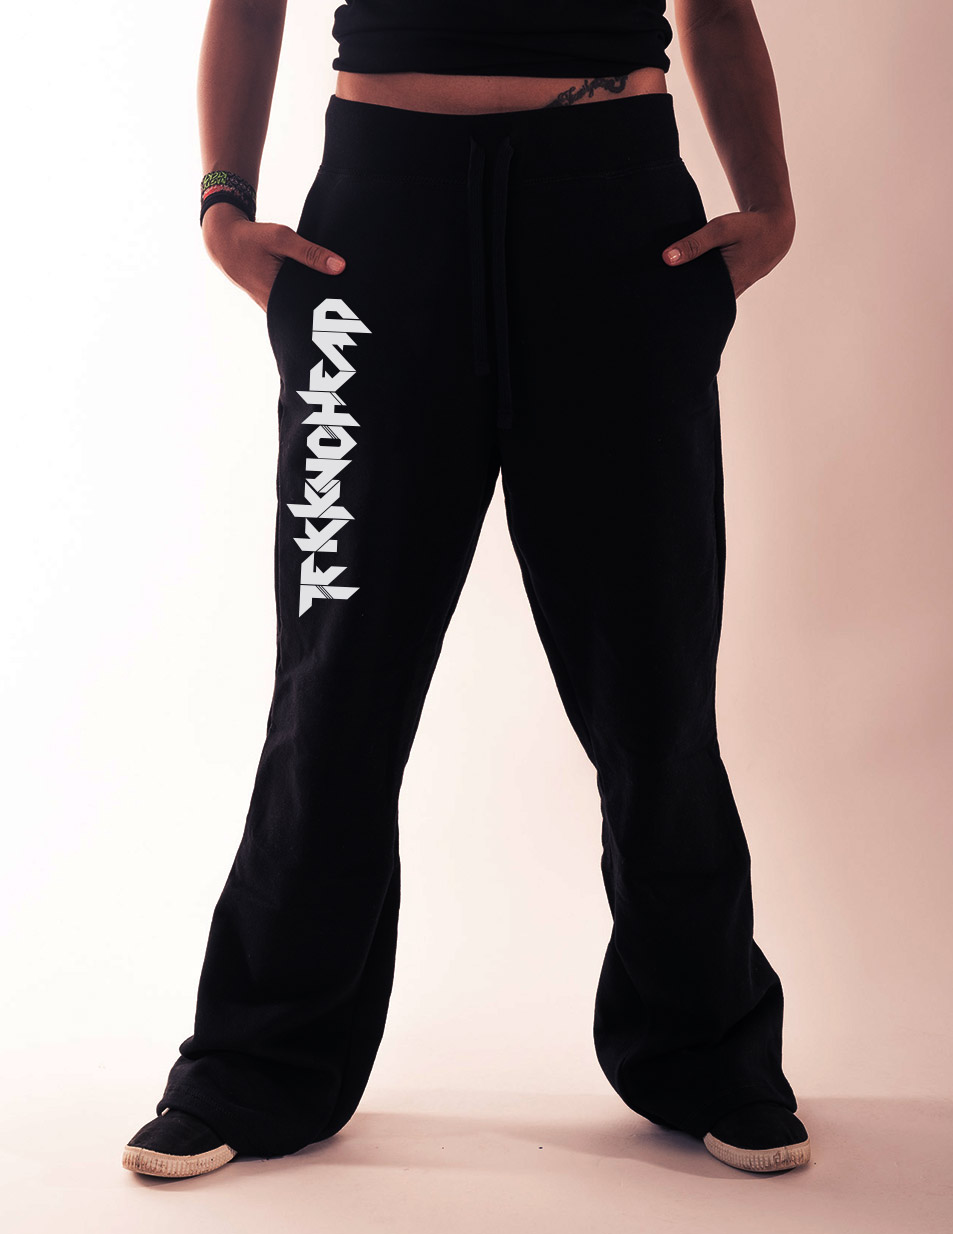 Damen-Jogginghose Tekknohead weiss auf schwarz